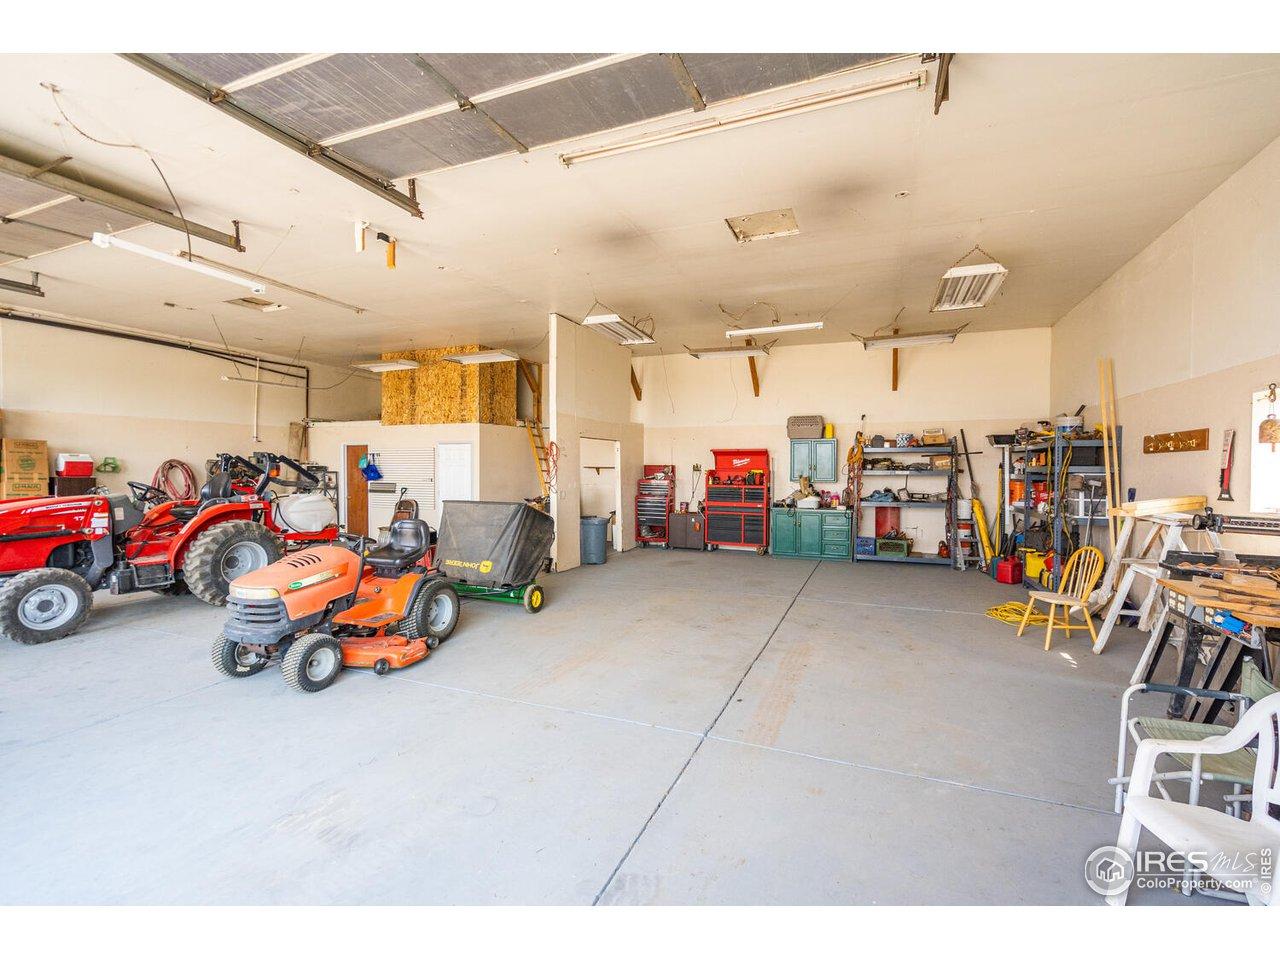 2 heaters, 3 overhead doors, concrete flooring.